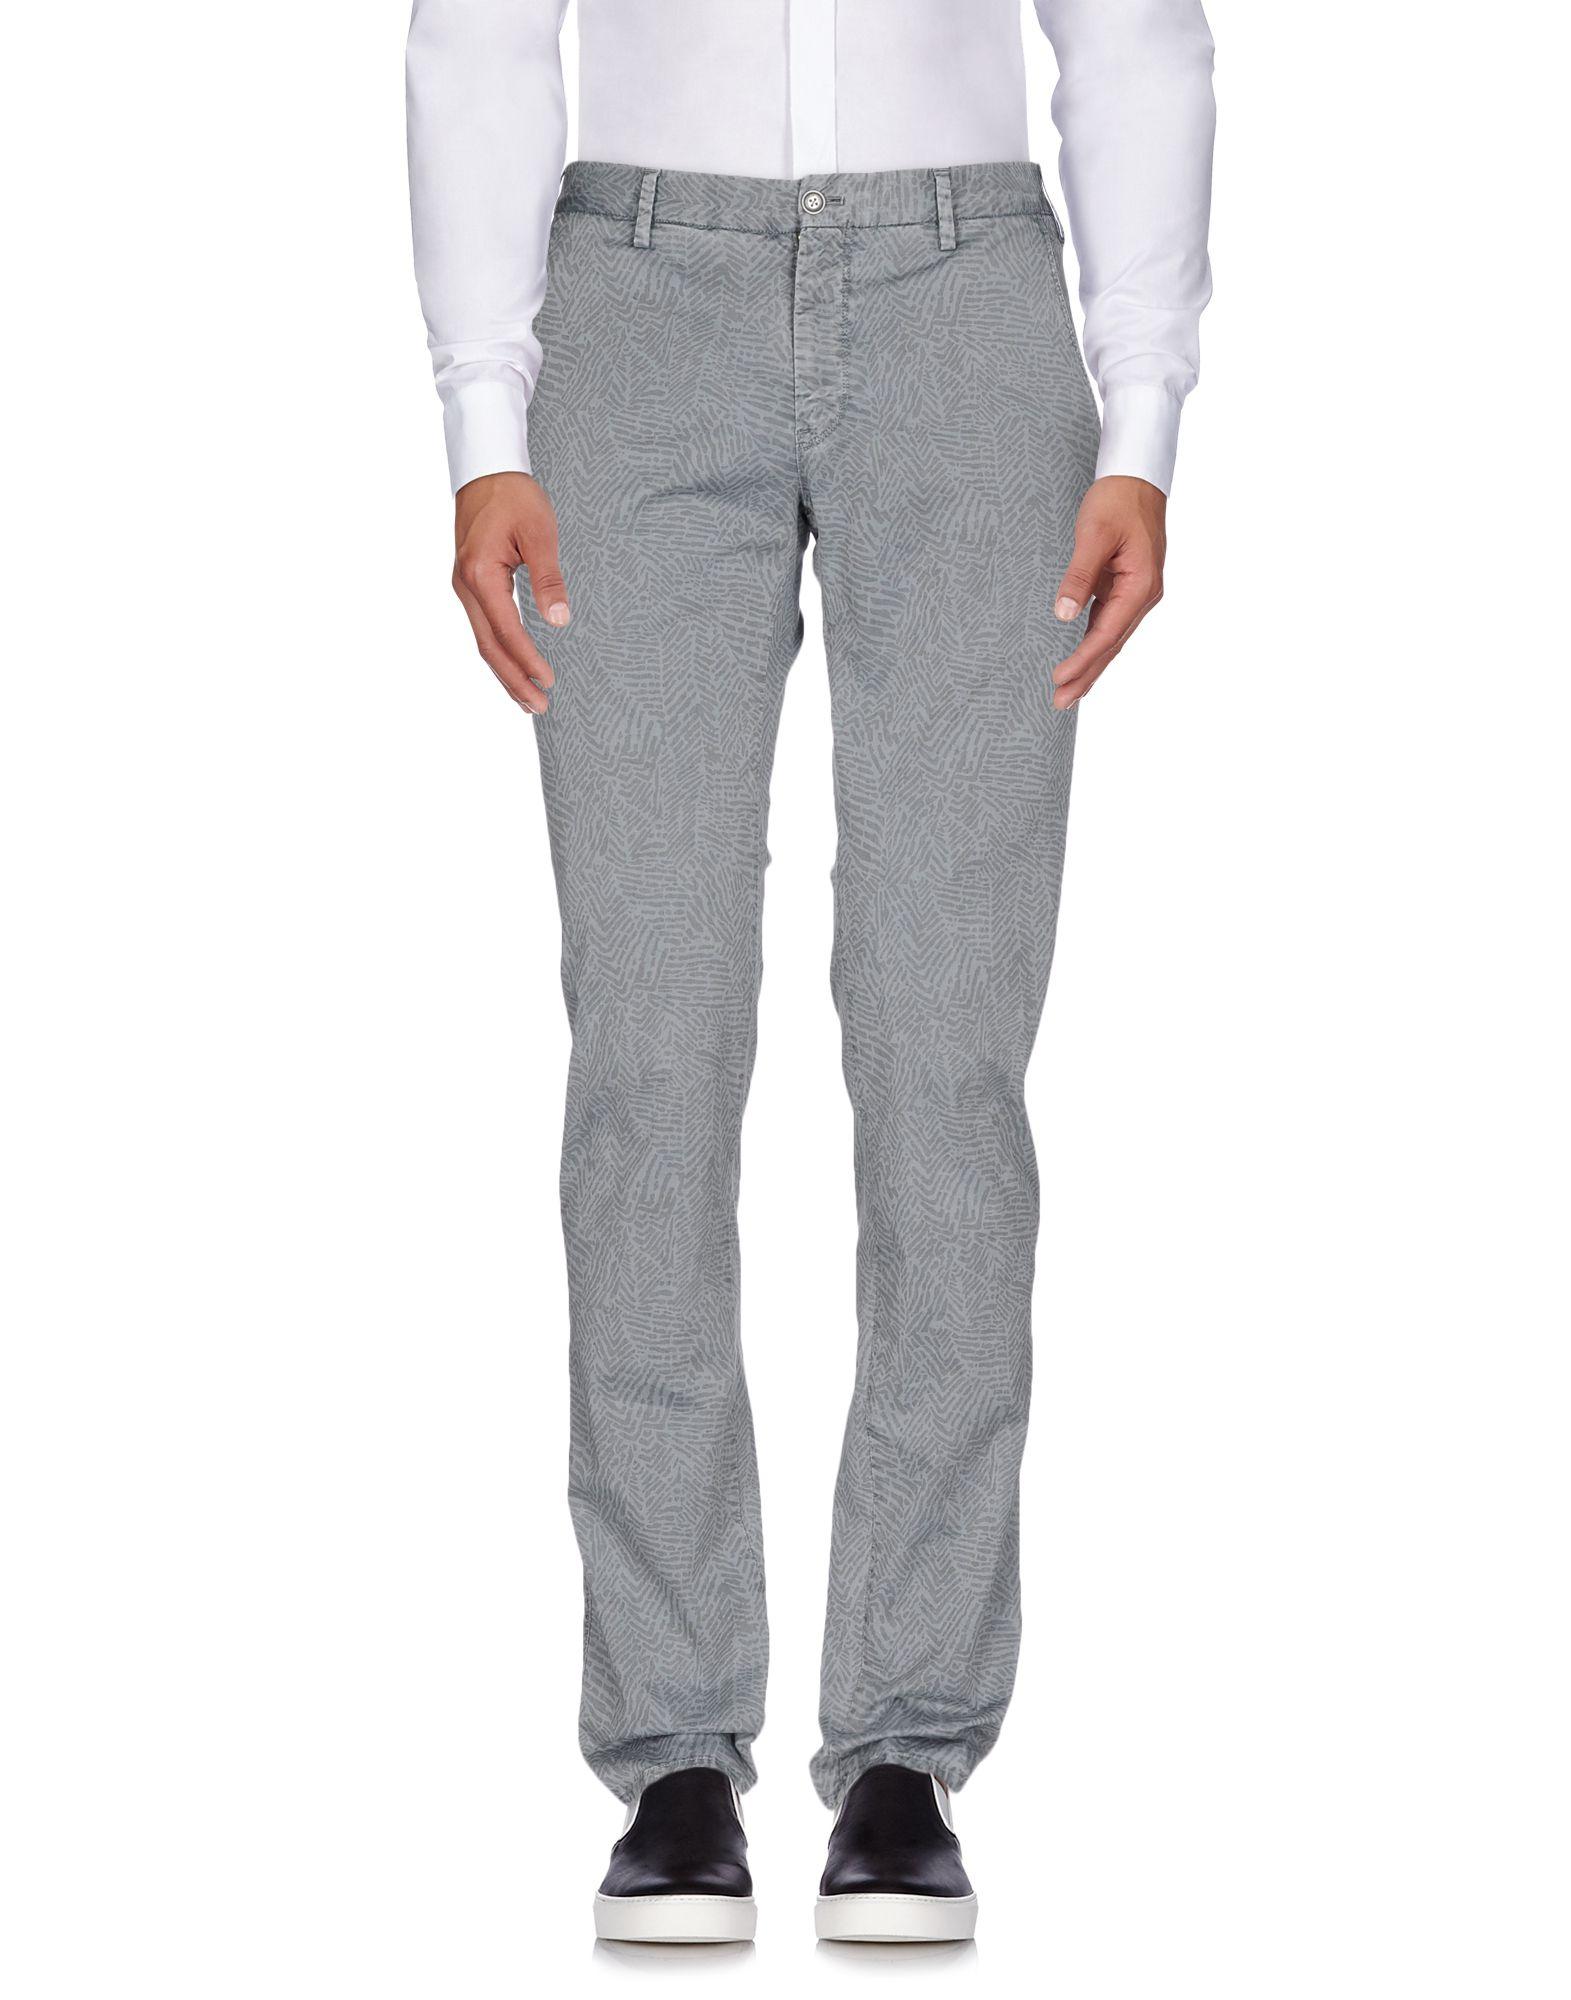 PT01 Повседневные брюки geedo повседневные брюки весна лето и осень молодежные повседневные брюки мужчины тонкие стрейч жесткие брюки пара 1721 черный 2xl